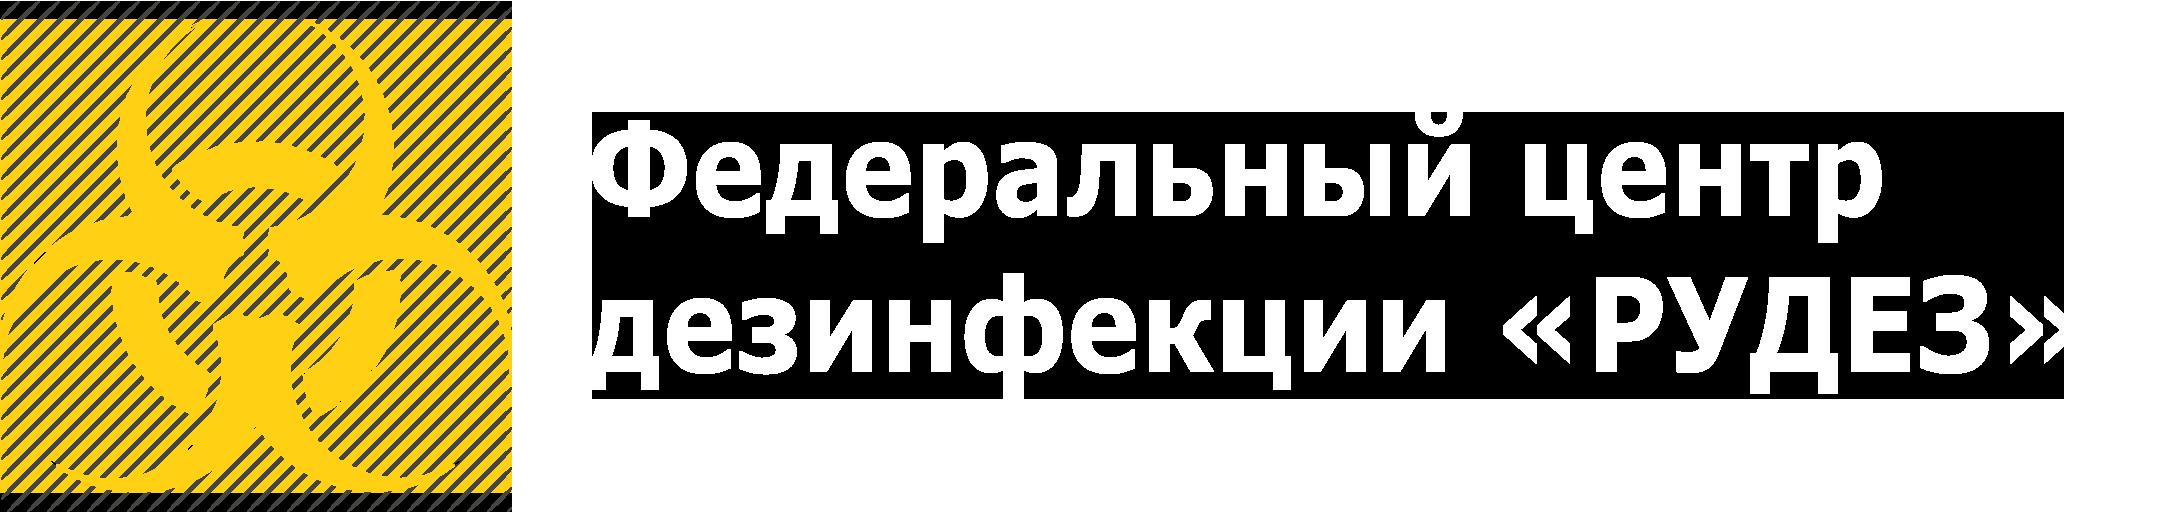 Федеральный центр дезинфекции